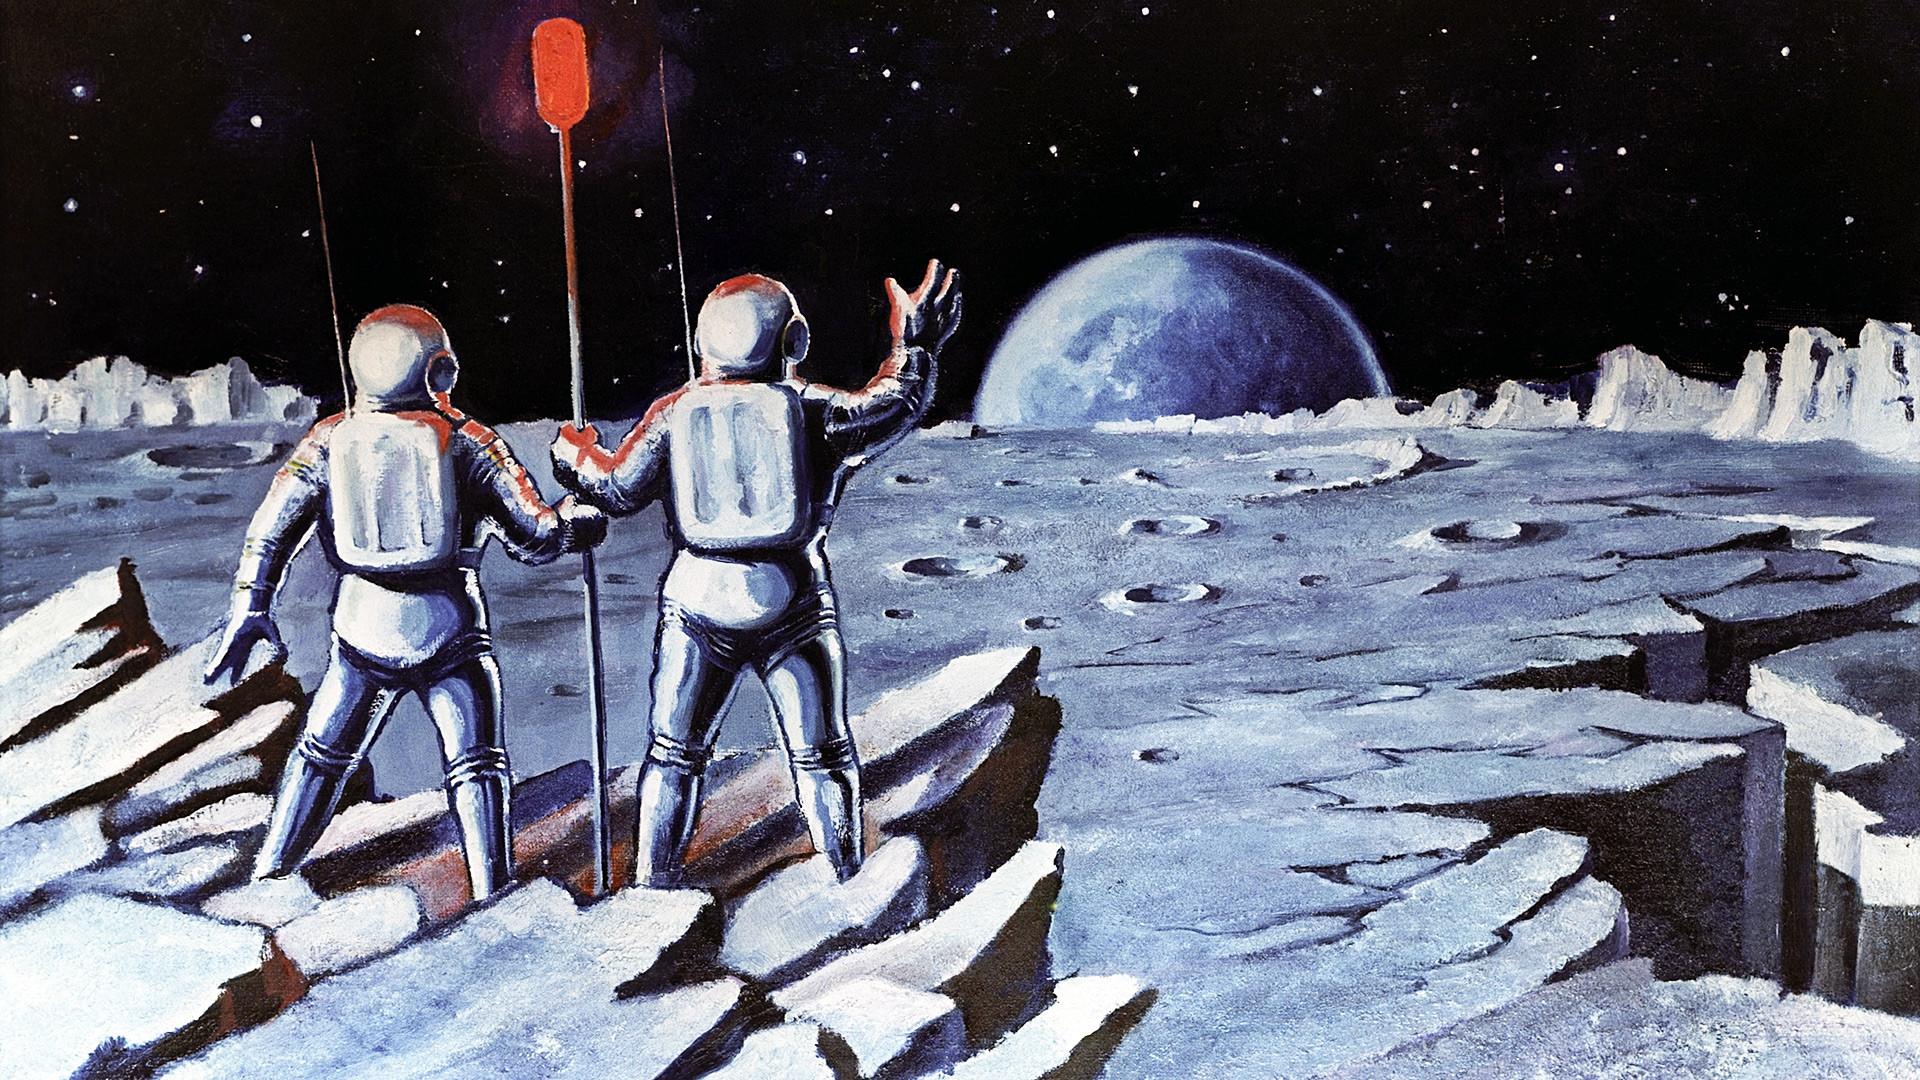 Umetniško delo Ljudje na Luni avtorja Alekseja Leonova, ZF umetnika in sovjetskega kozmonavta.